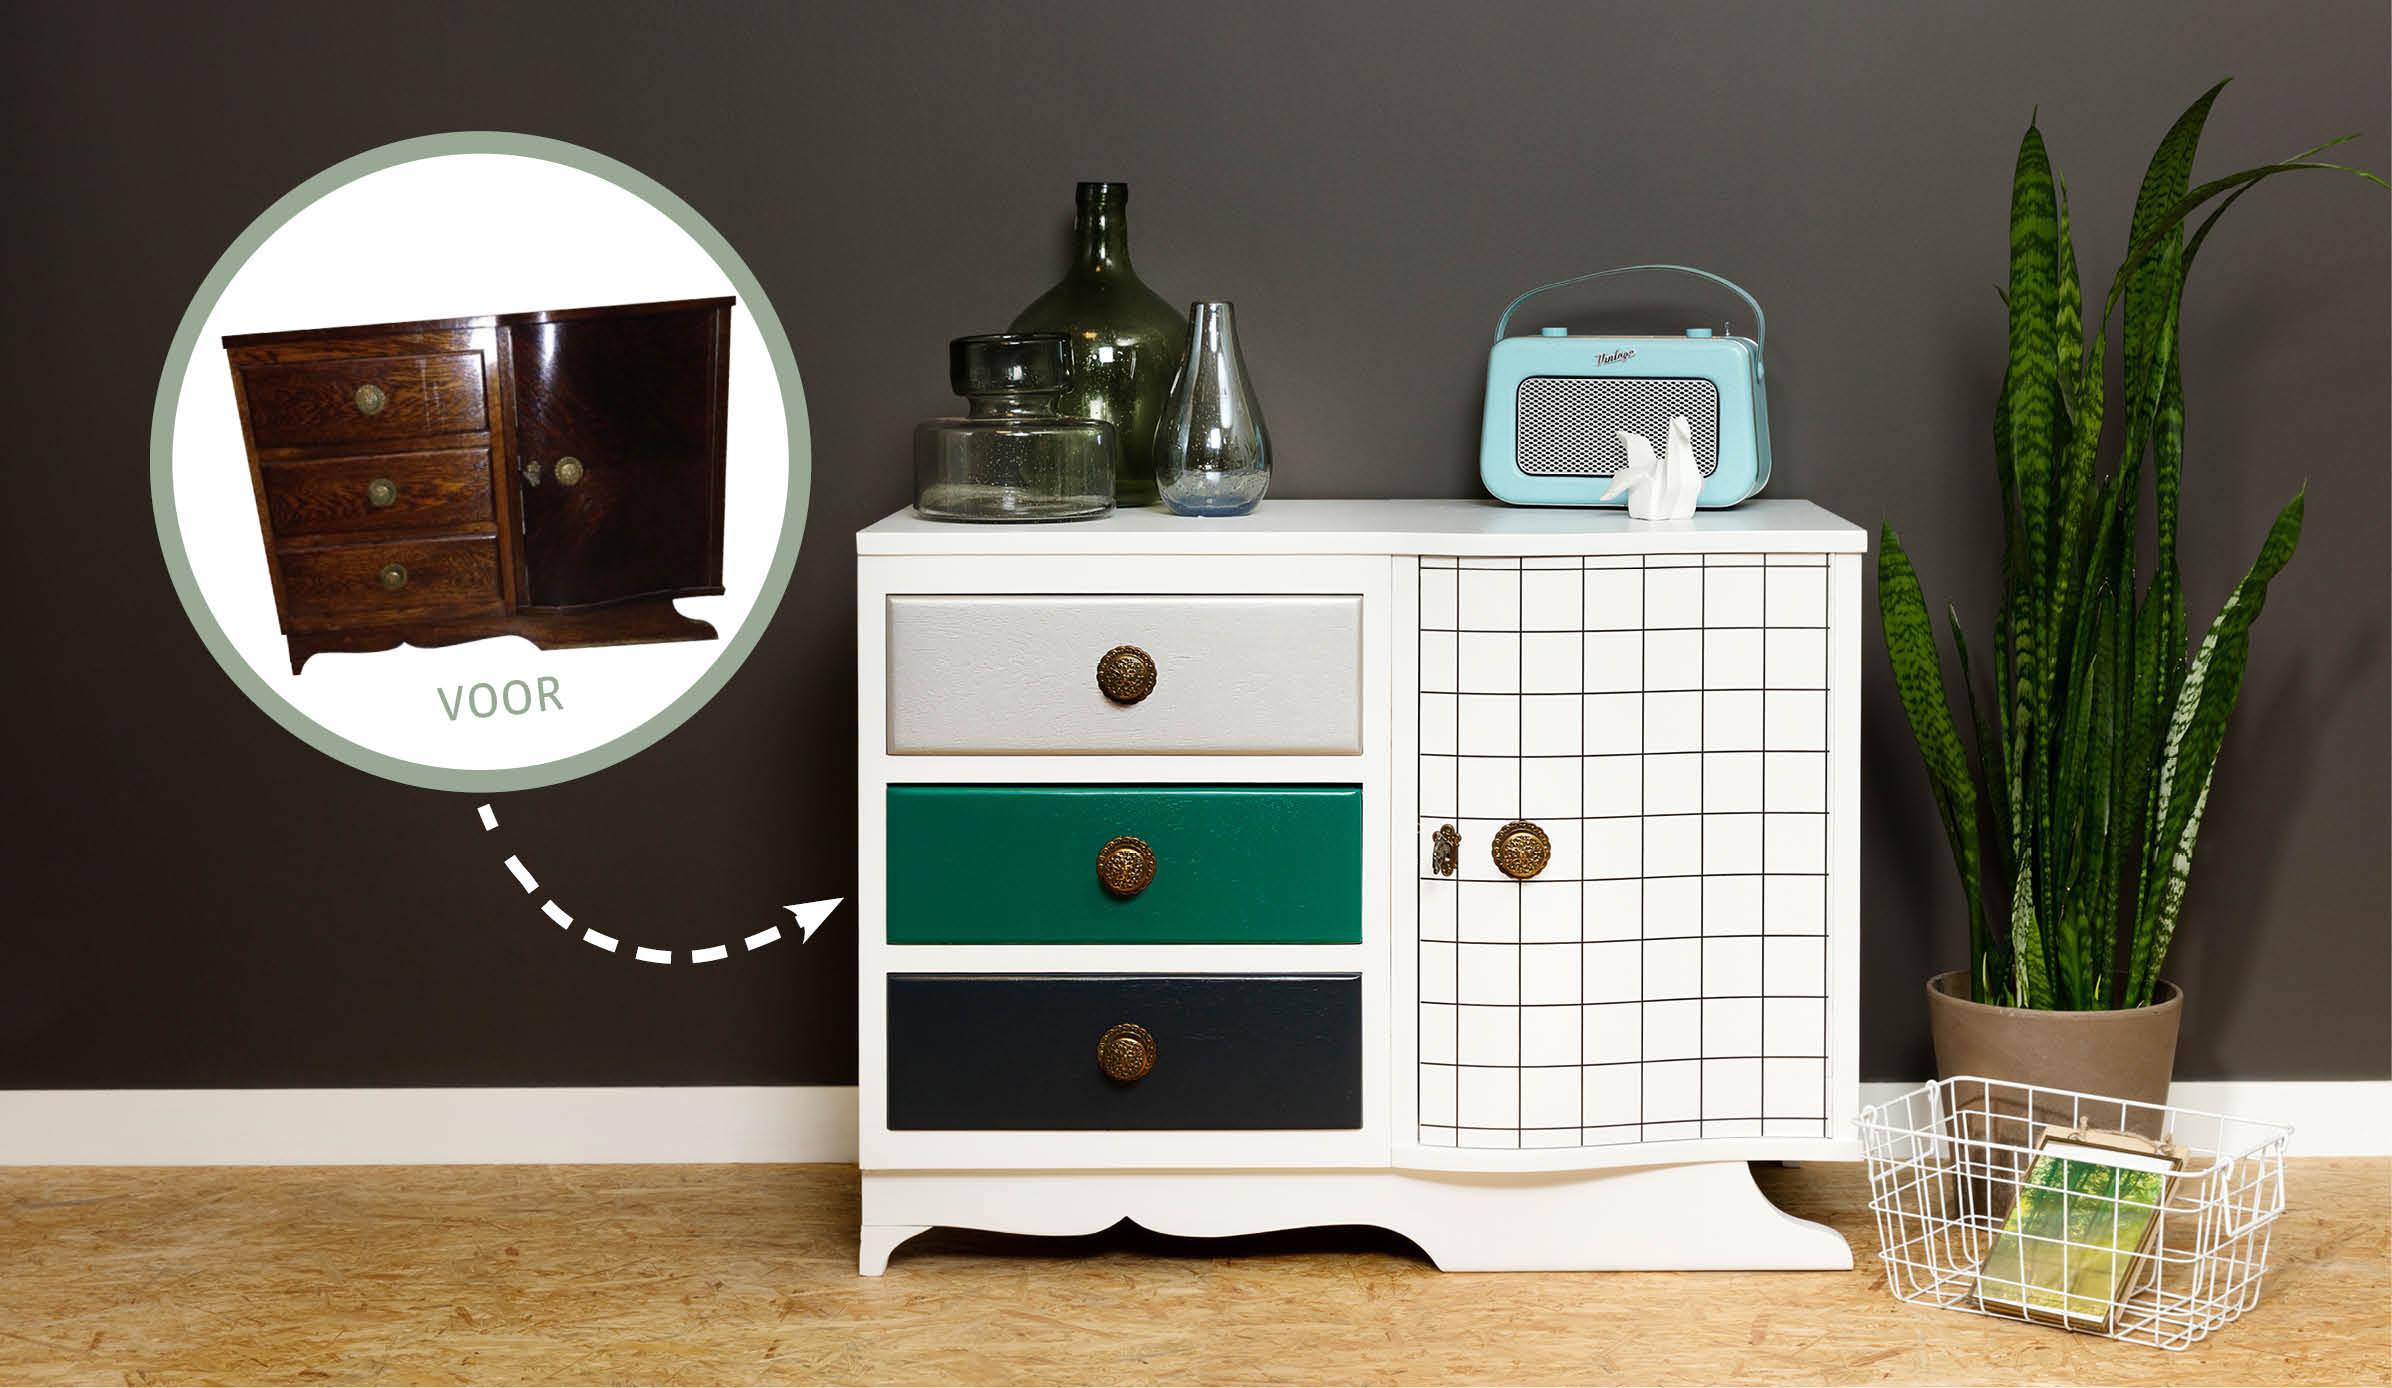 Donnez du style à votre mobilier - retro